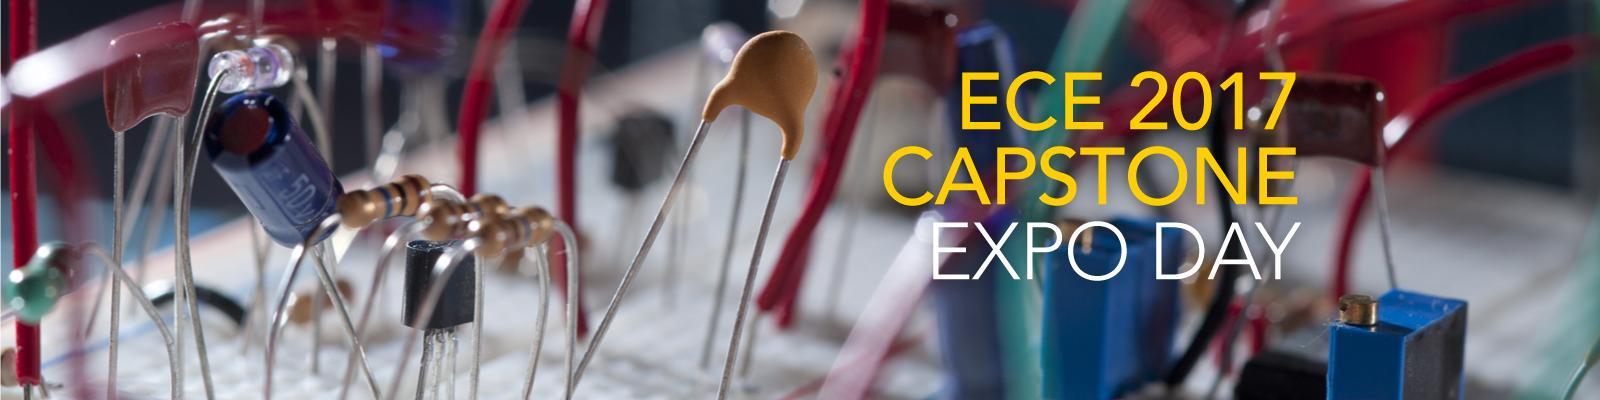 ECE 2017 Capstone Expo Day